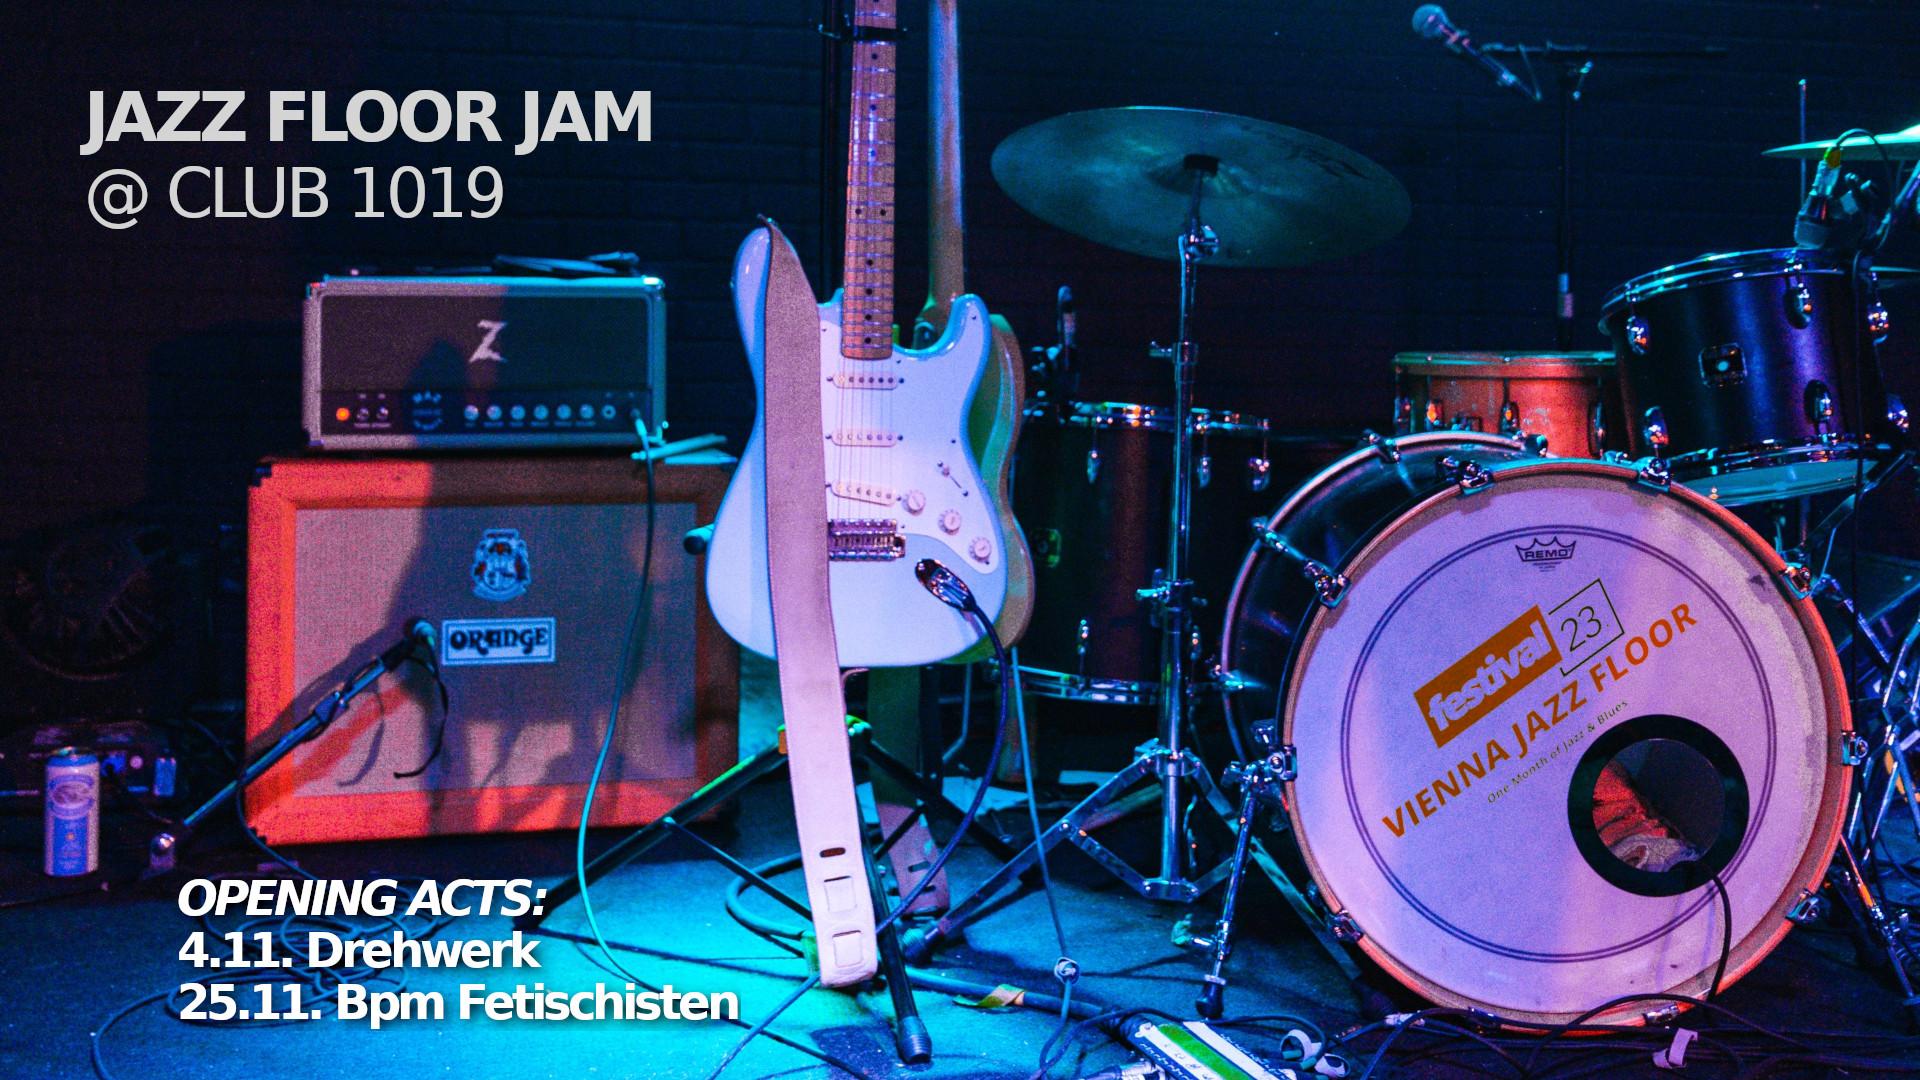 Jazz Floor Jam